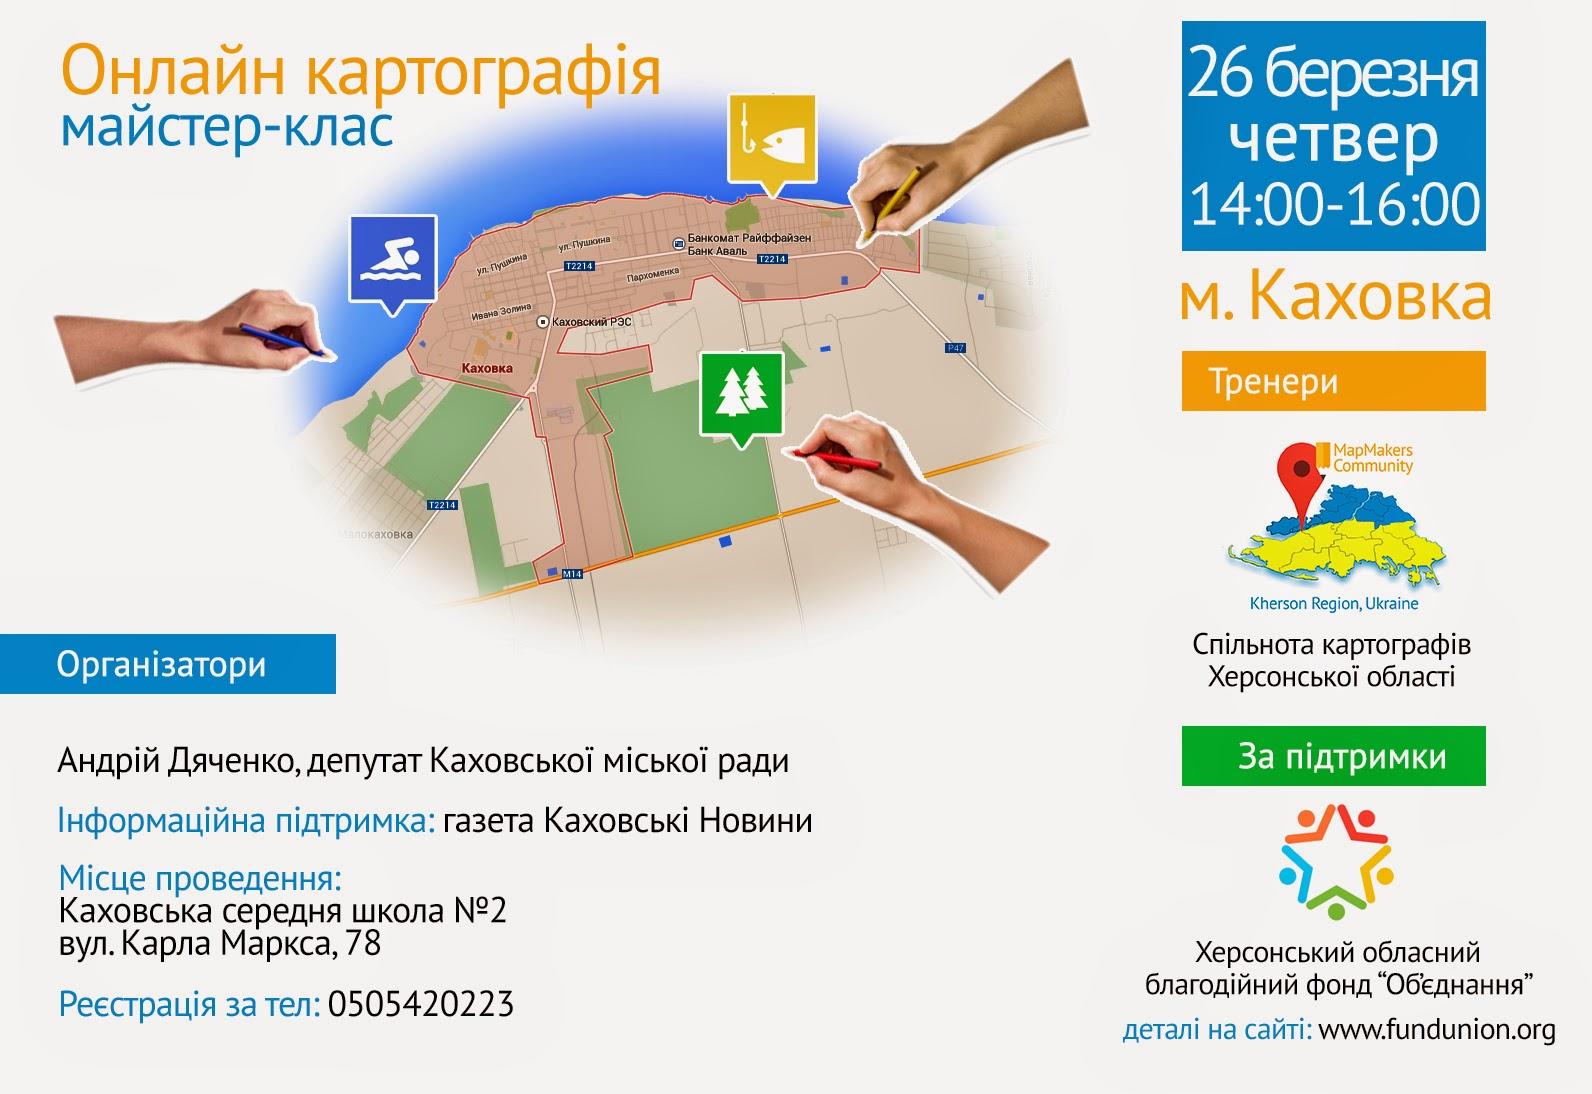 Майстер-клас з онлайн картографії у м. Каховка